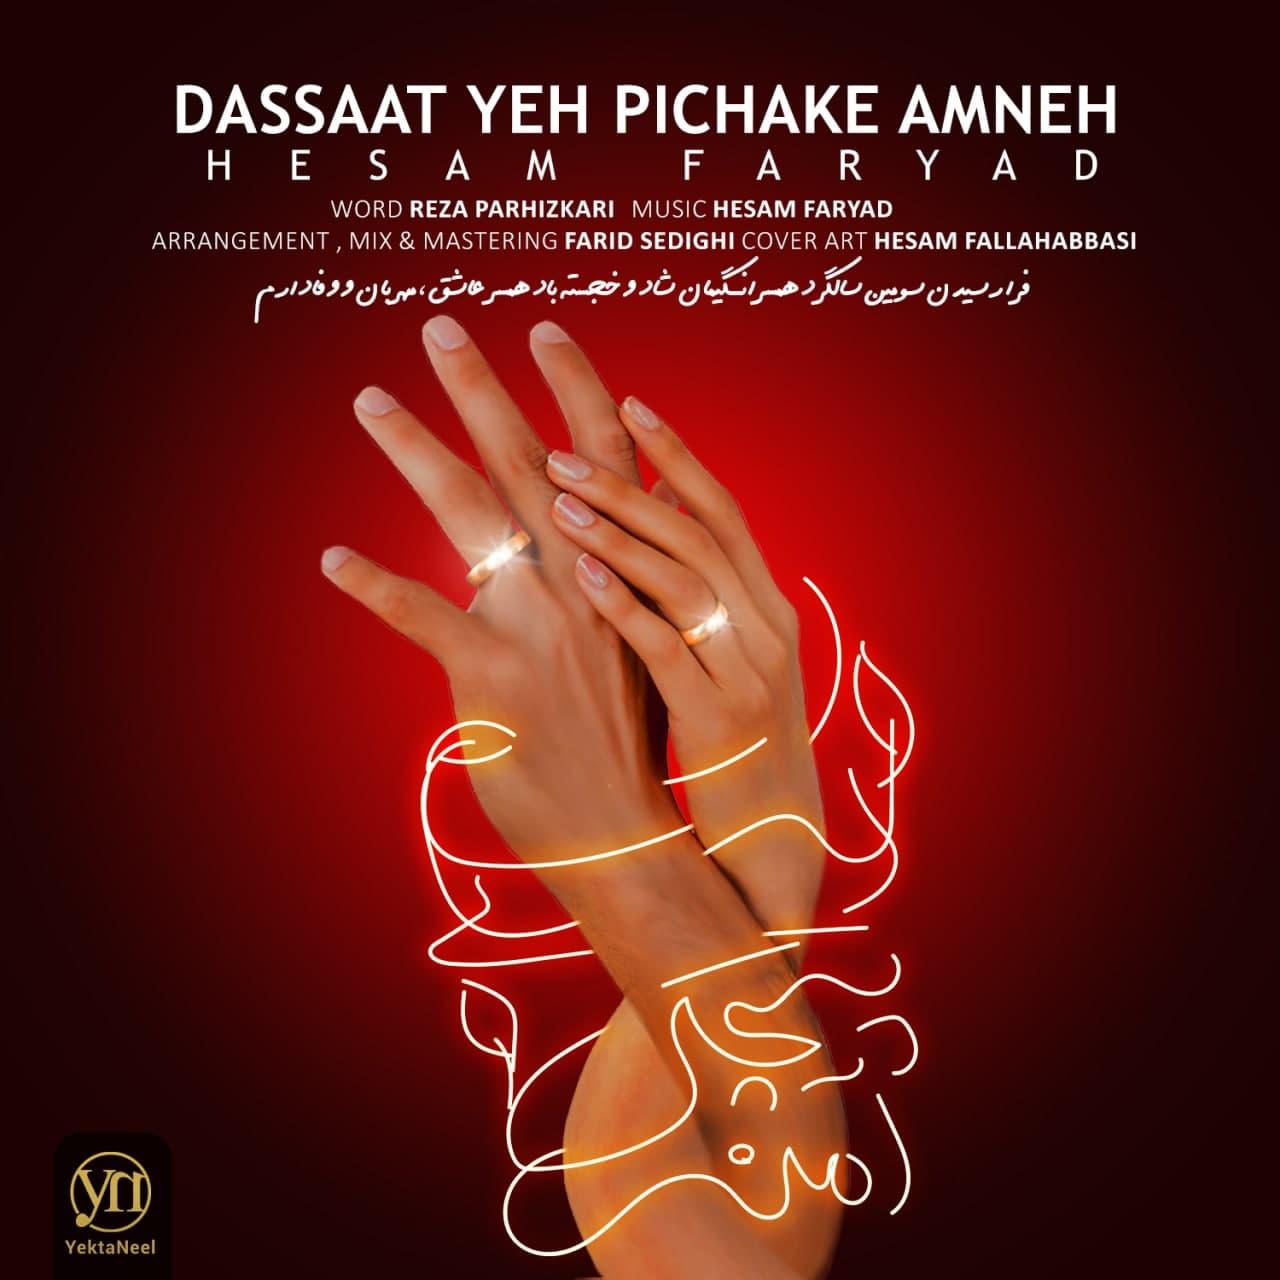 Hesam Faryad – Dasstaat Yeh Pichake Amneh